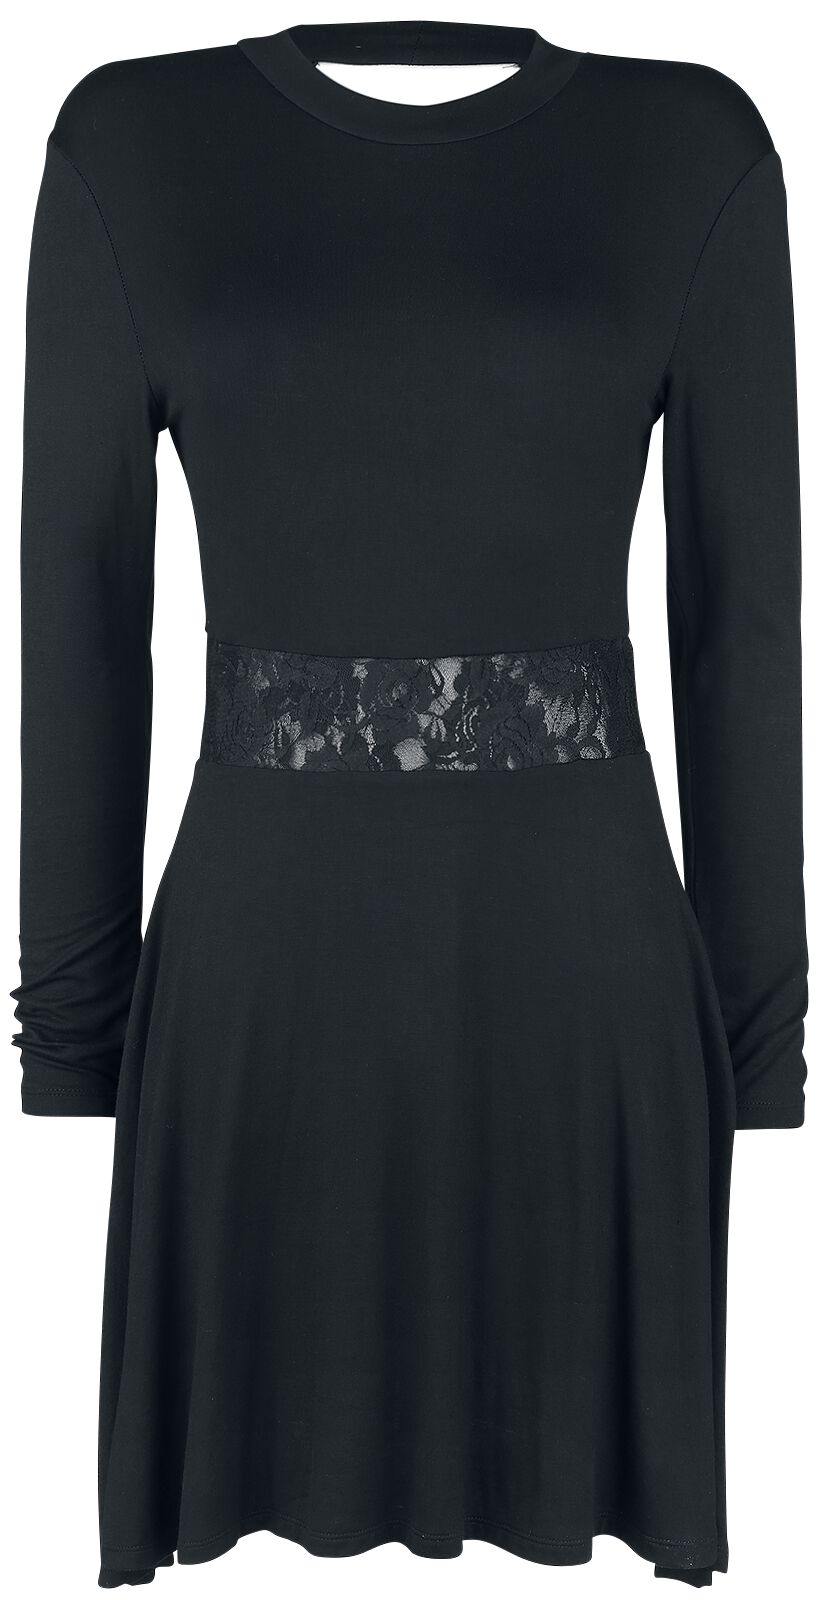 Image of   Forplay Kleid mit Spitze im Taillenbereich Kjole sort